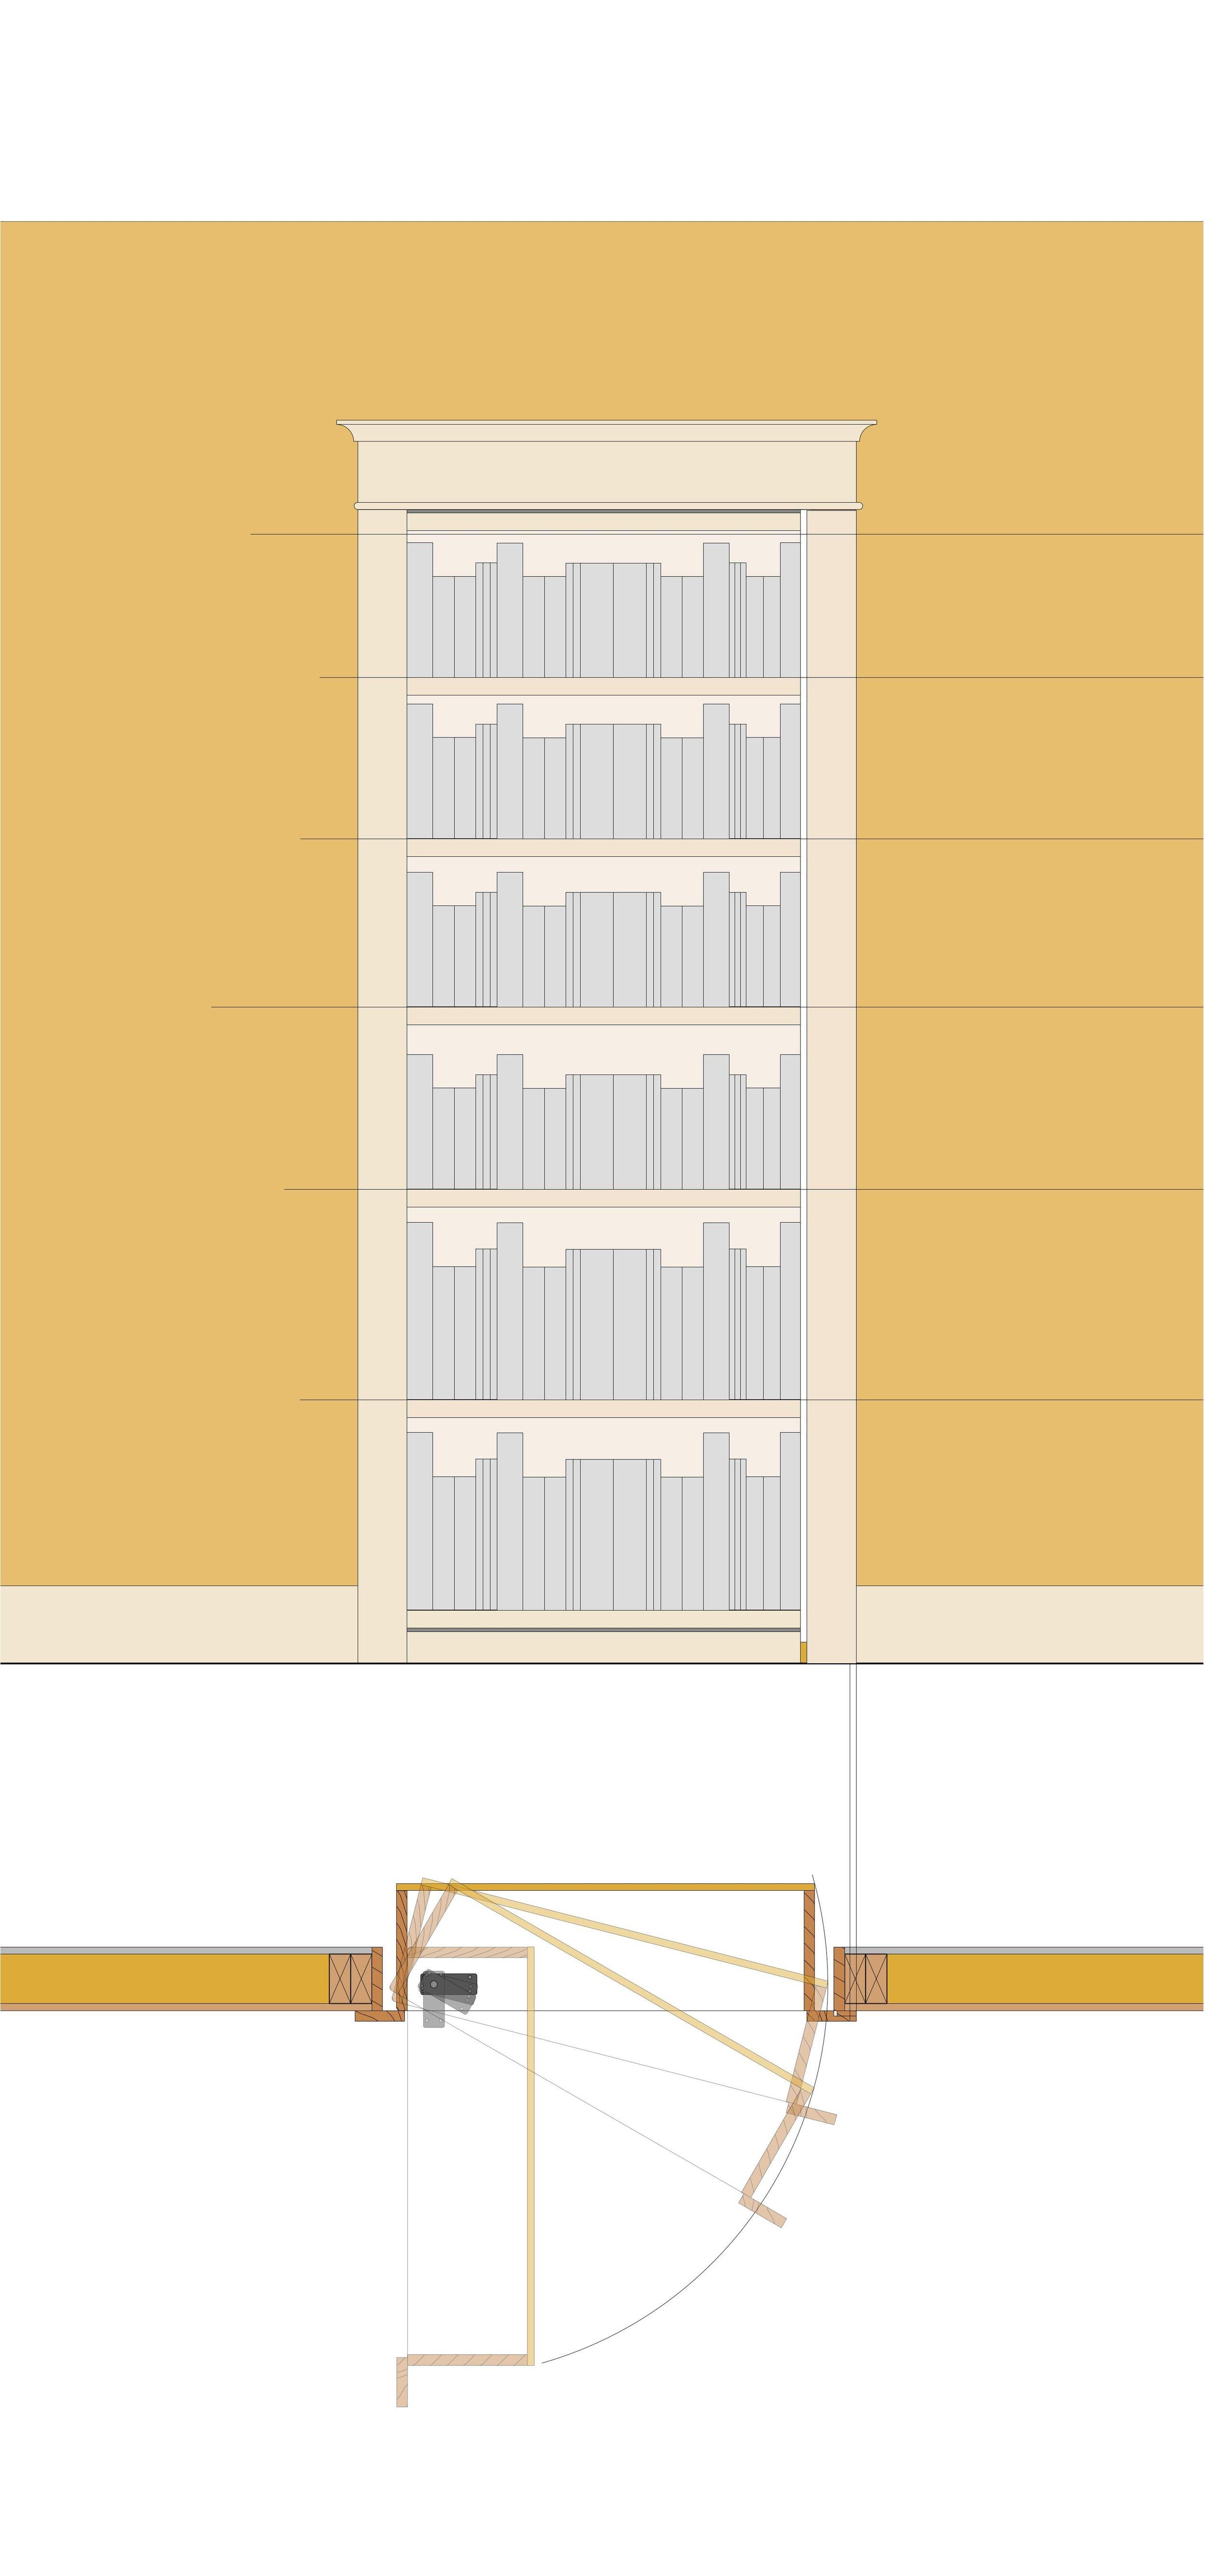 secret door elevation and plan.jpg